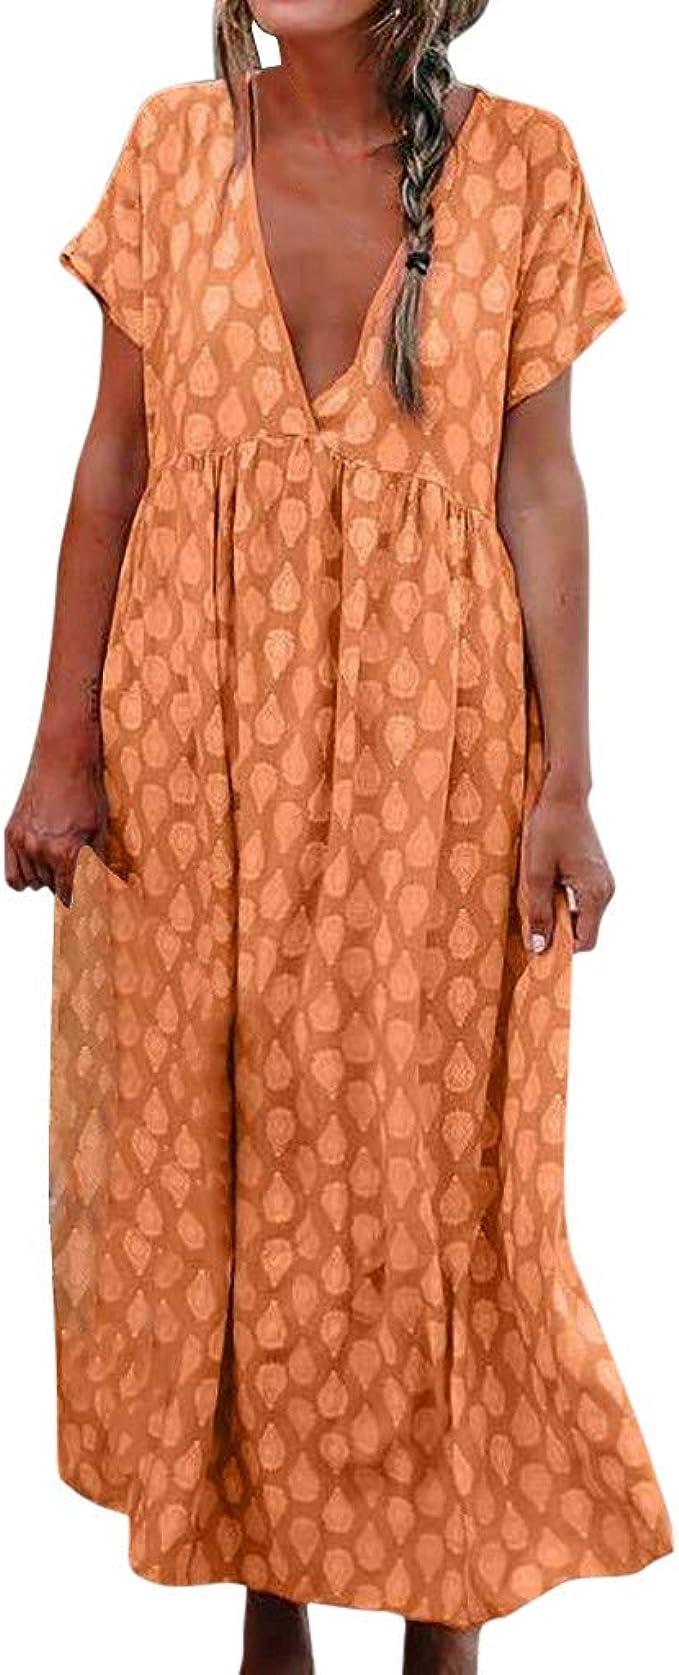 GreatestPAK Damen knöchellanges Kleid Kurzarm V-Ausschnitt Sommer